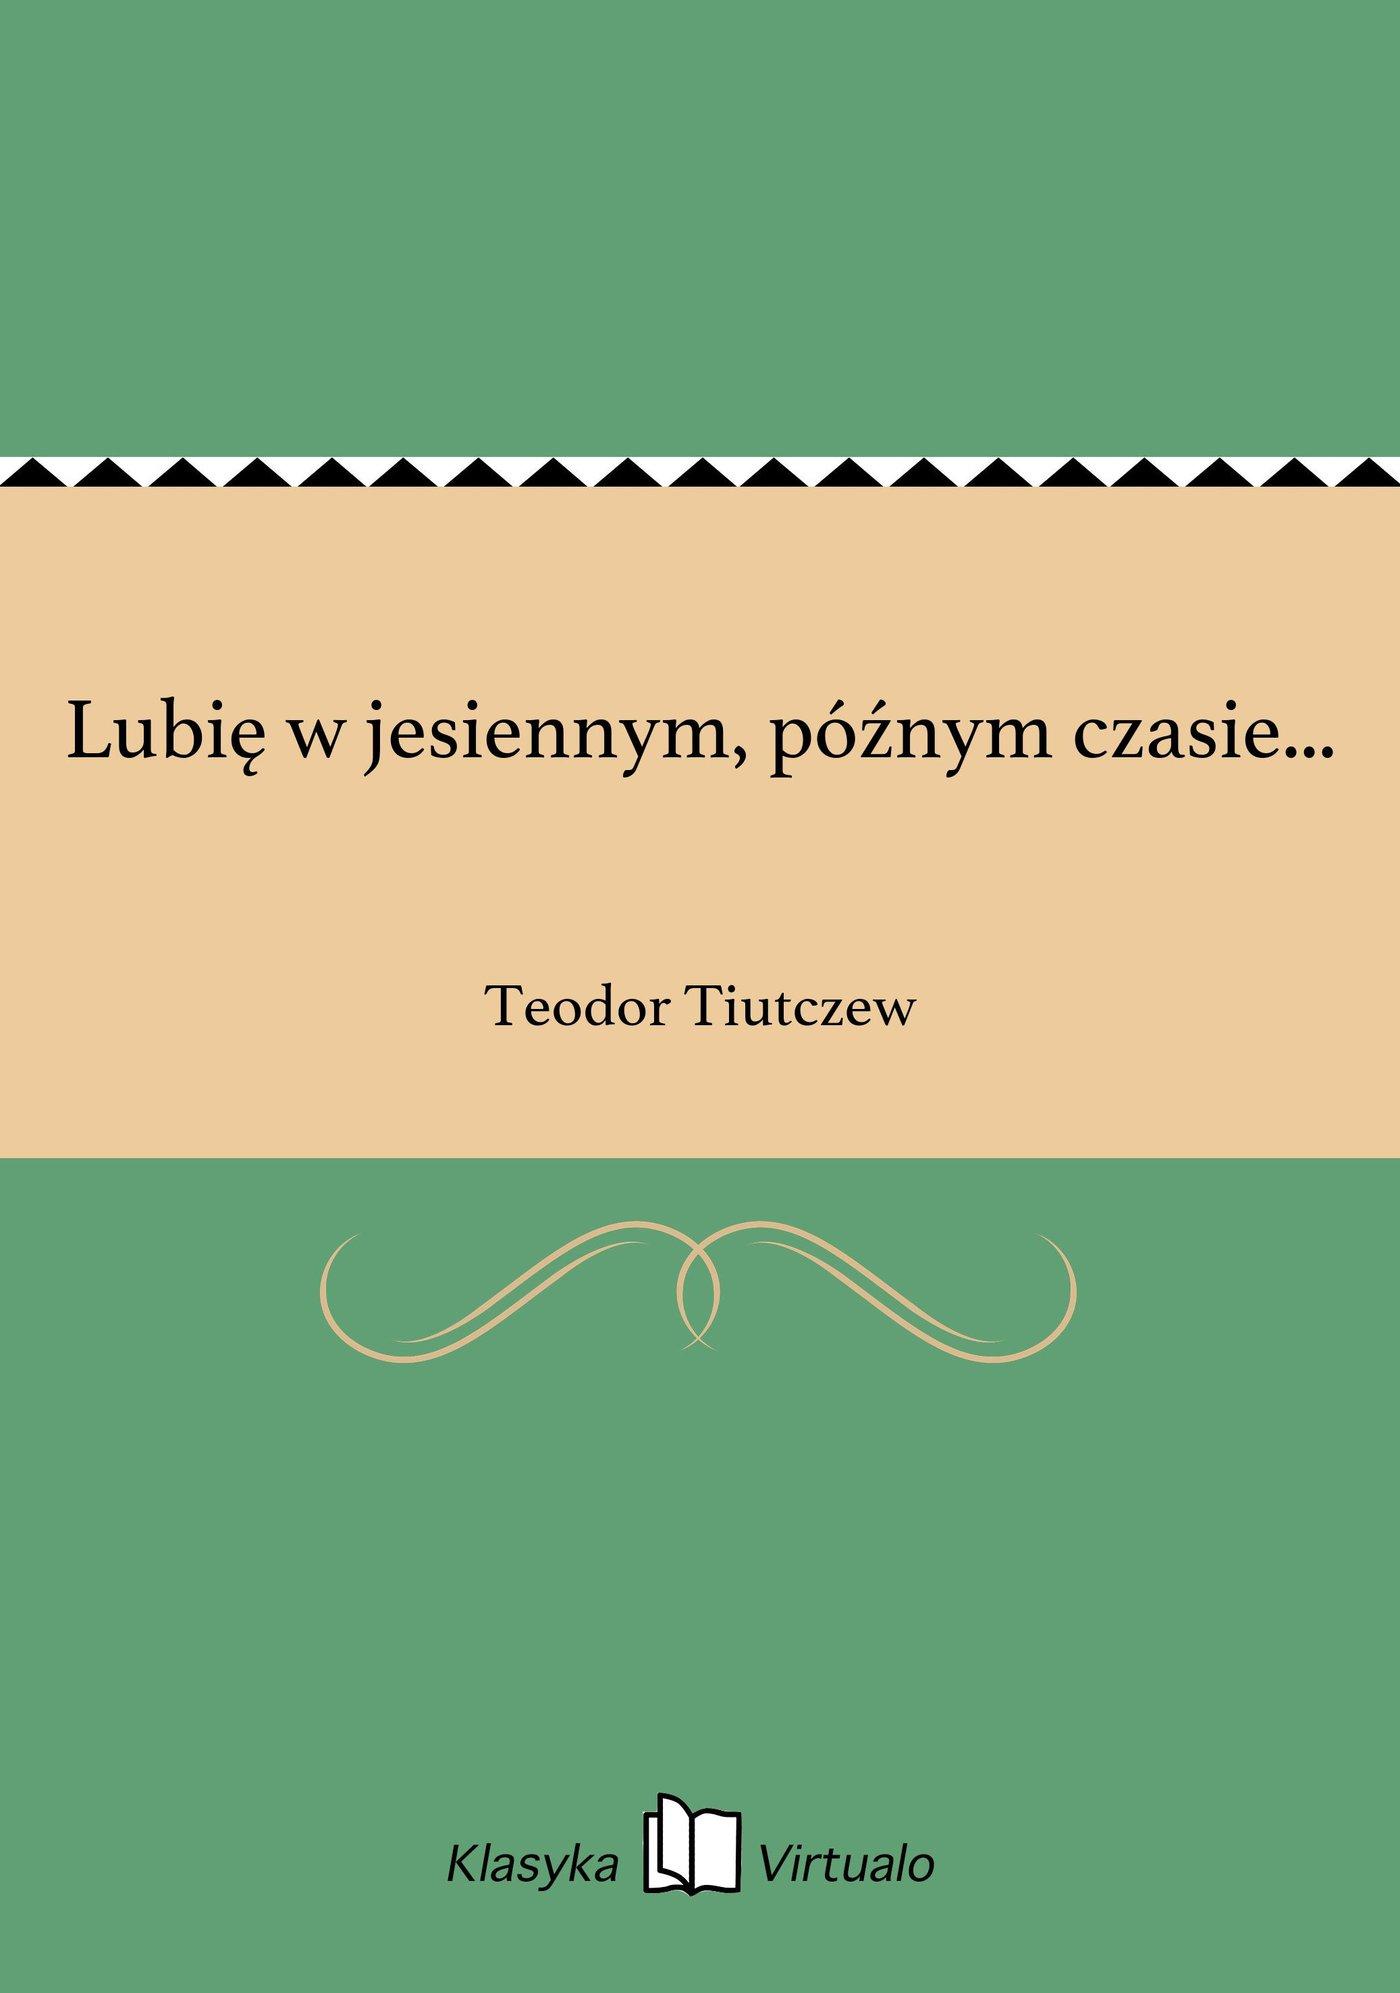 Lubię w jesiennym, późnym czasie... - Ebook (Książka EPUB) do pobrania w formacie EPUB